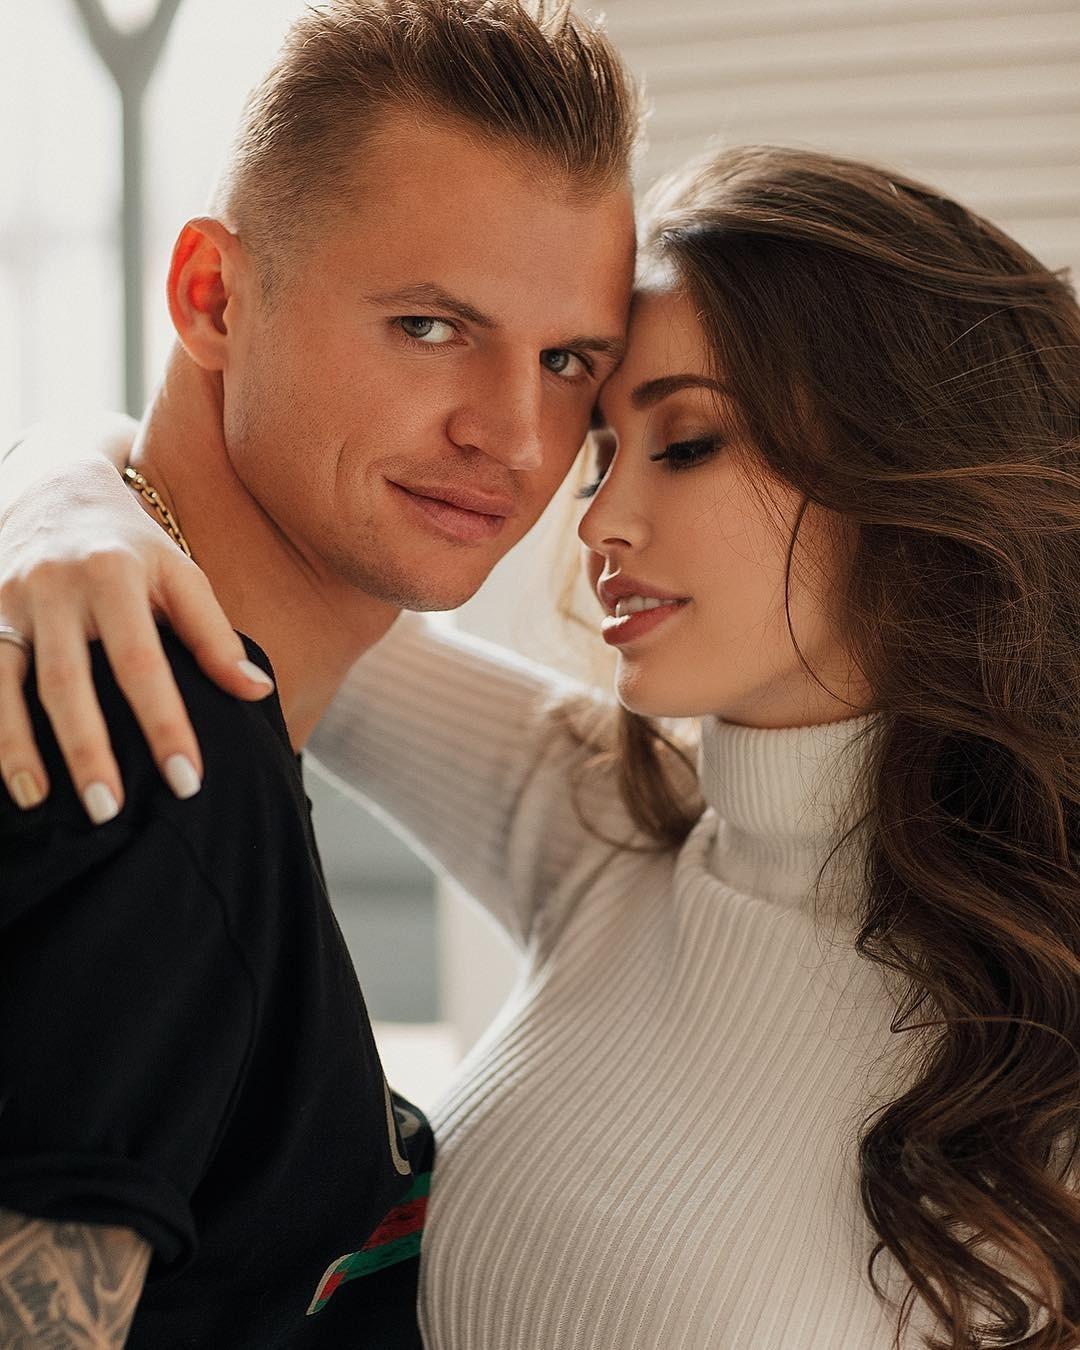 Дмитрия Тарасова иАнастасию Костенко обвинили впостановочном фото срозами